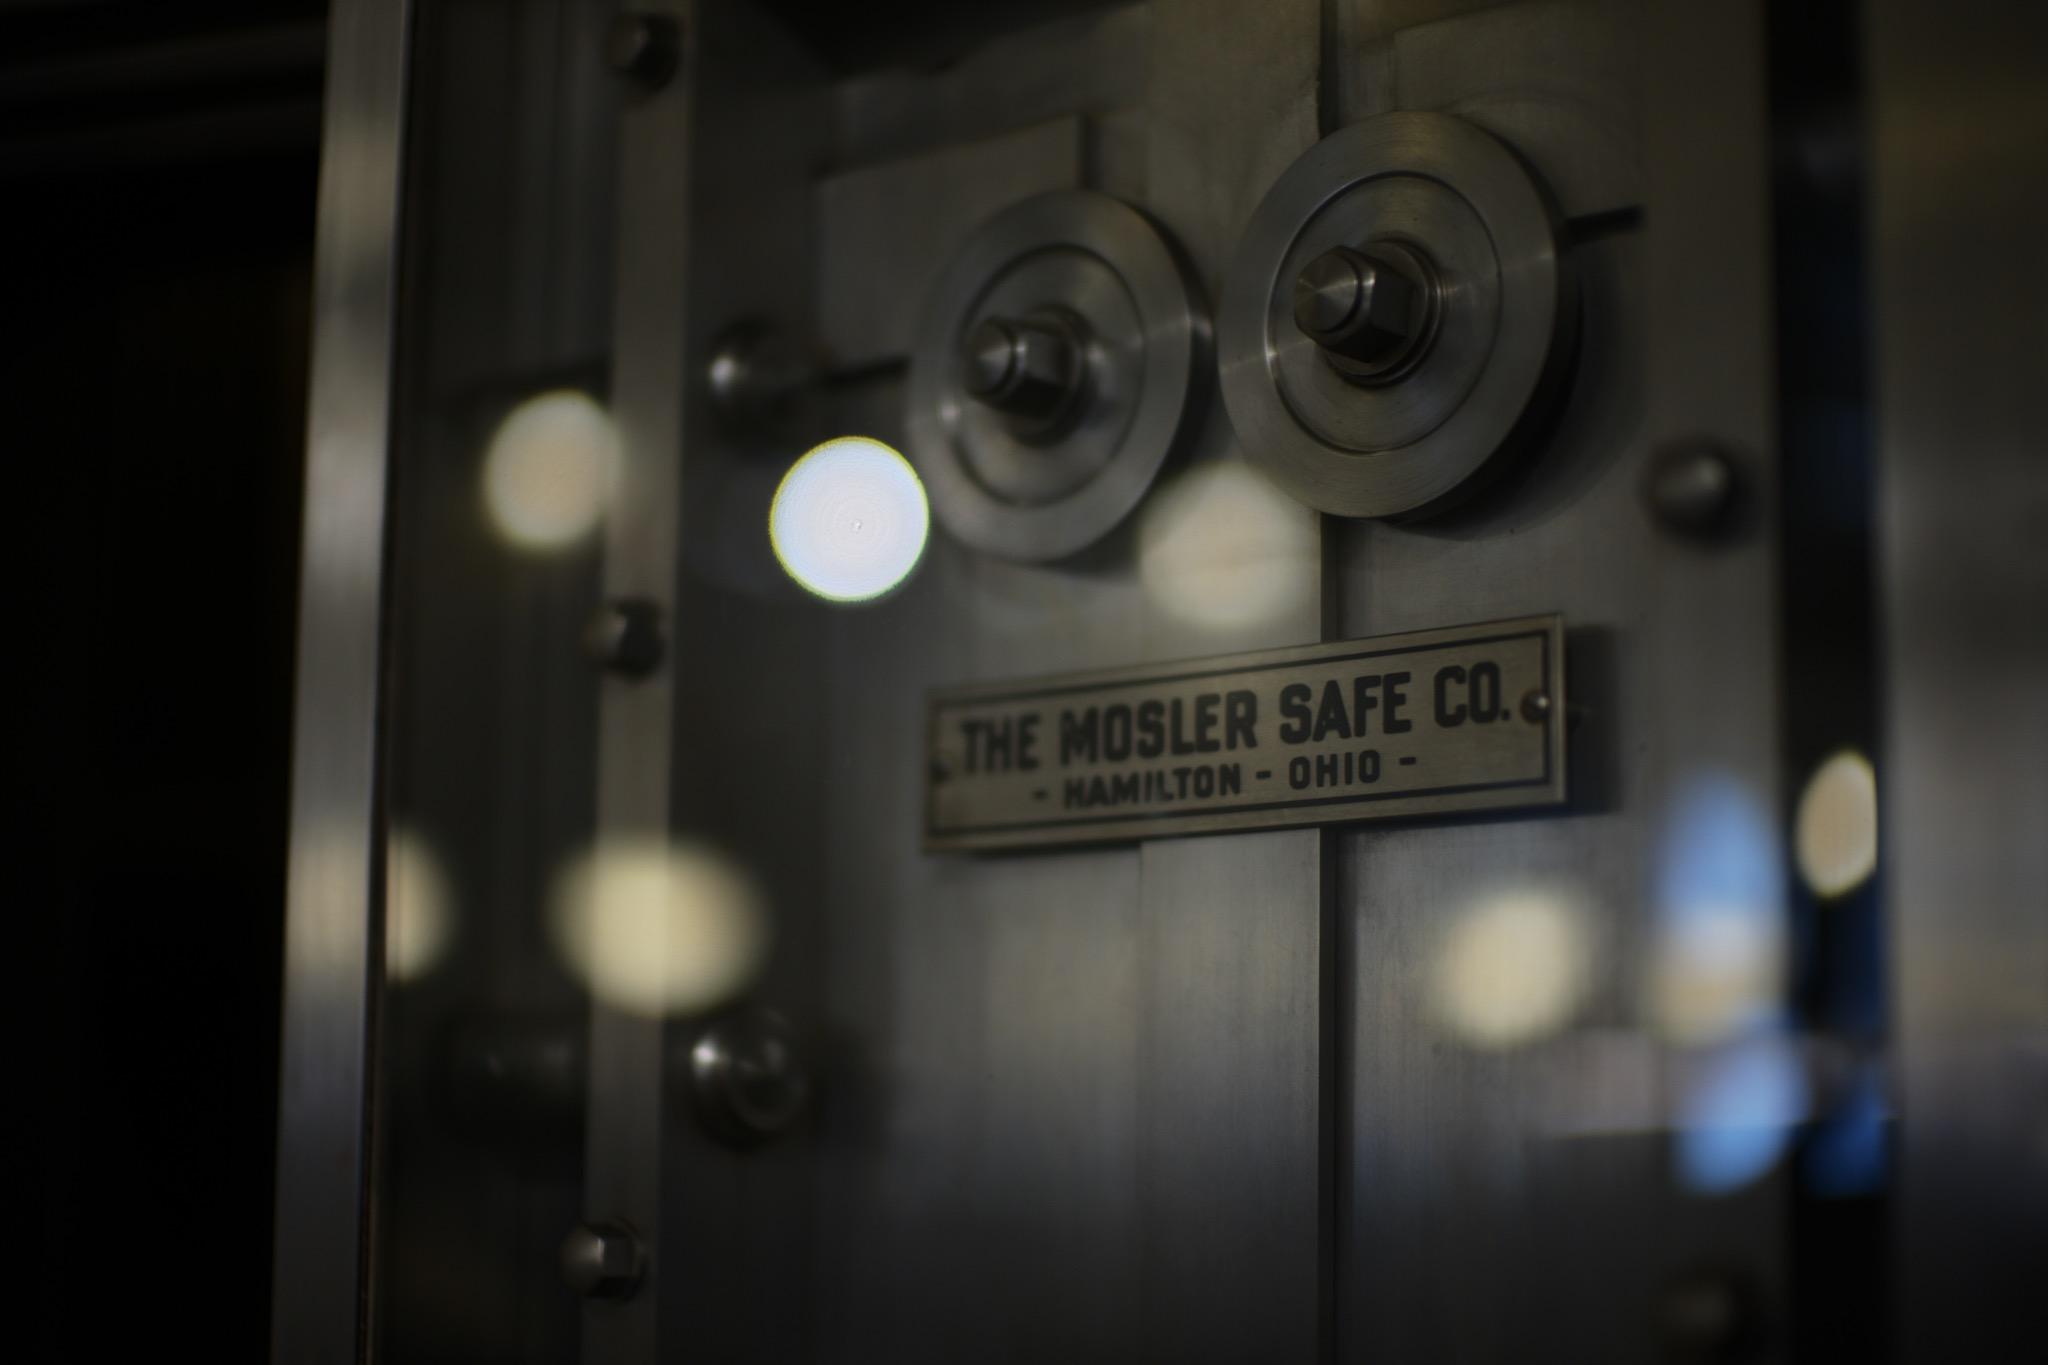 小樽芸術村 旧三井銀行小樽支店 金庫扉 The Mosler Safe Company